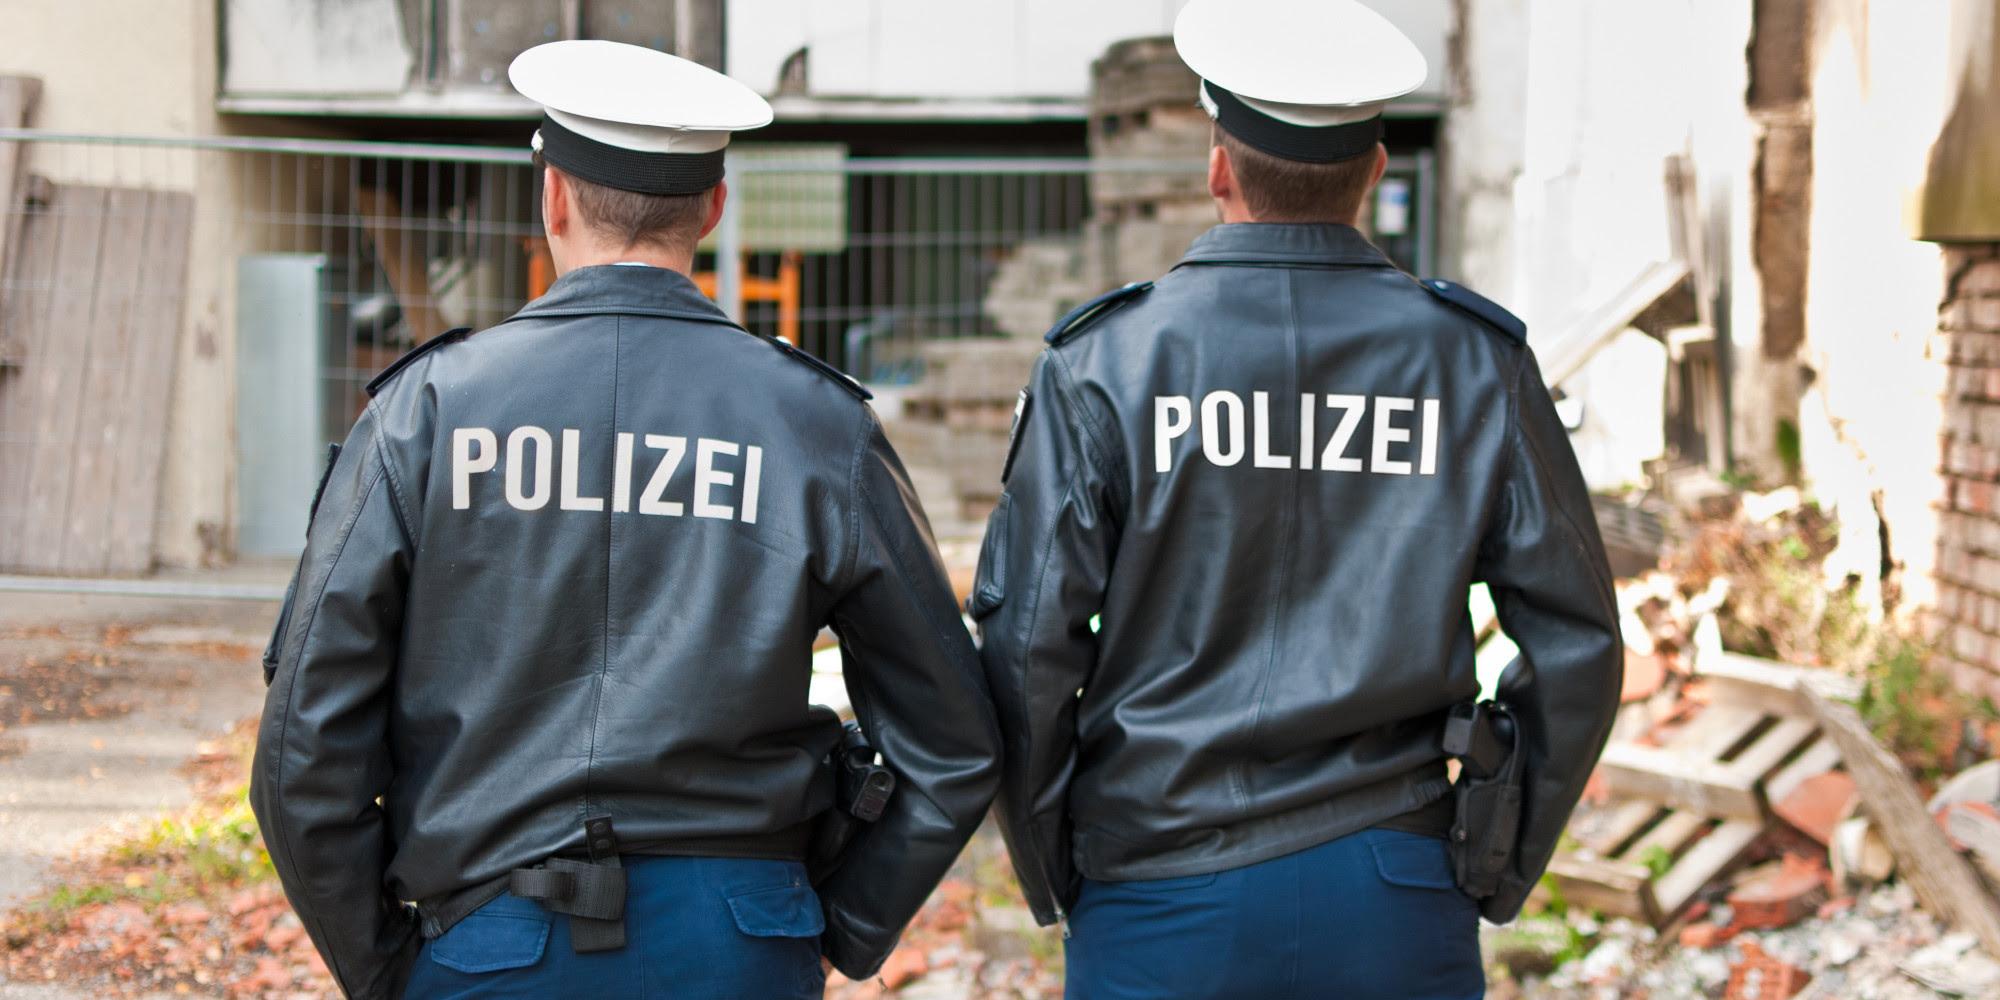 Αποτέλεσμα εικόνας για german policeman